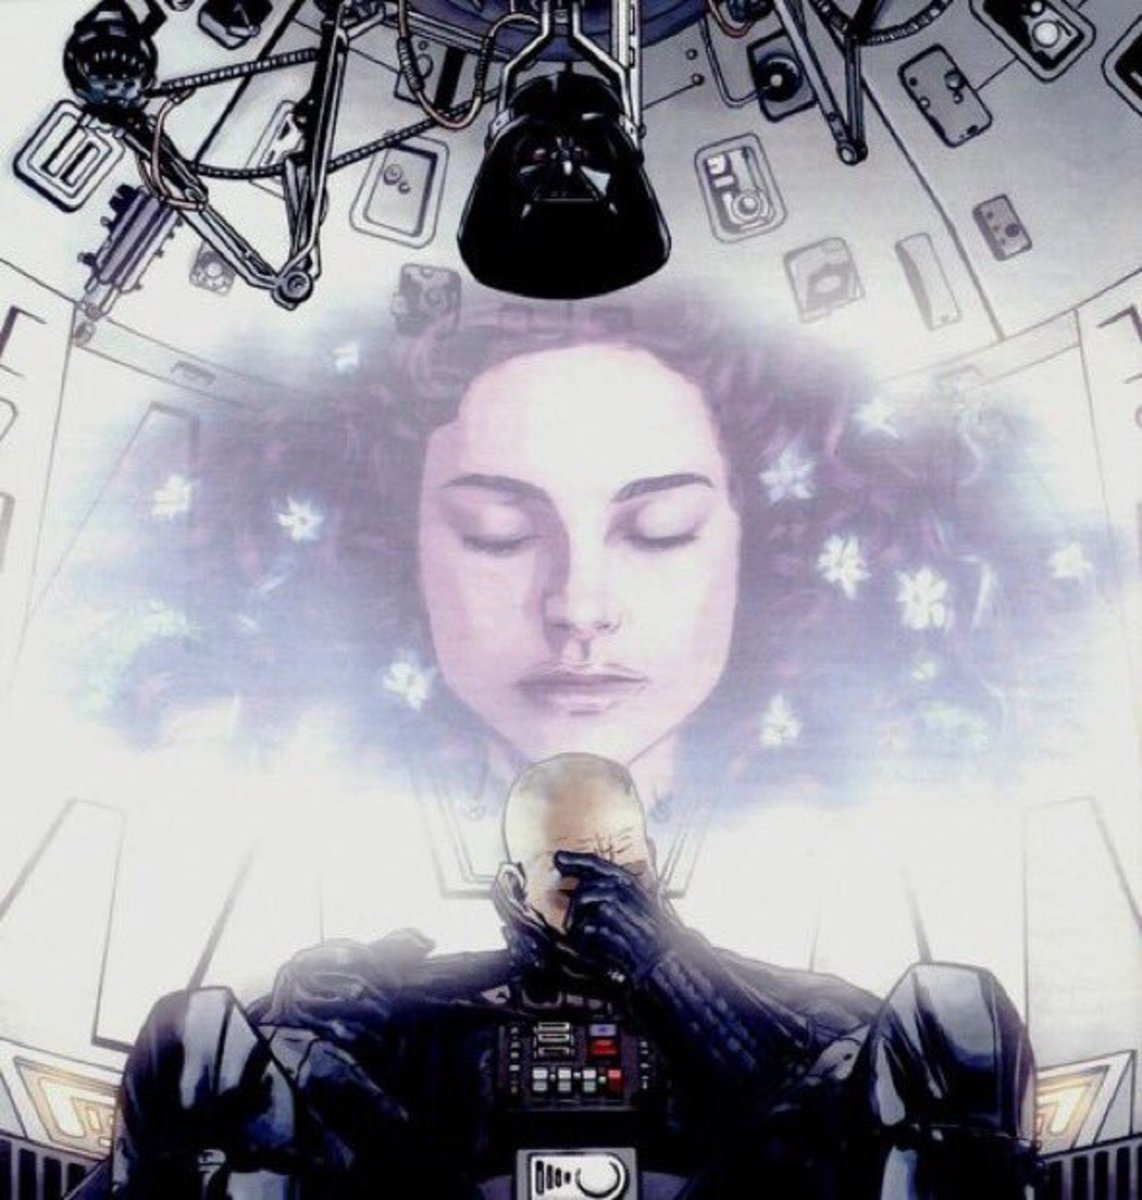 Darth Vader remembers Padme